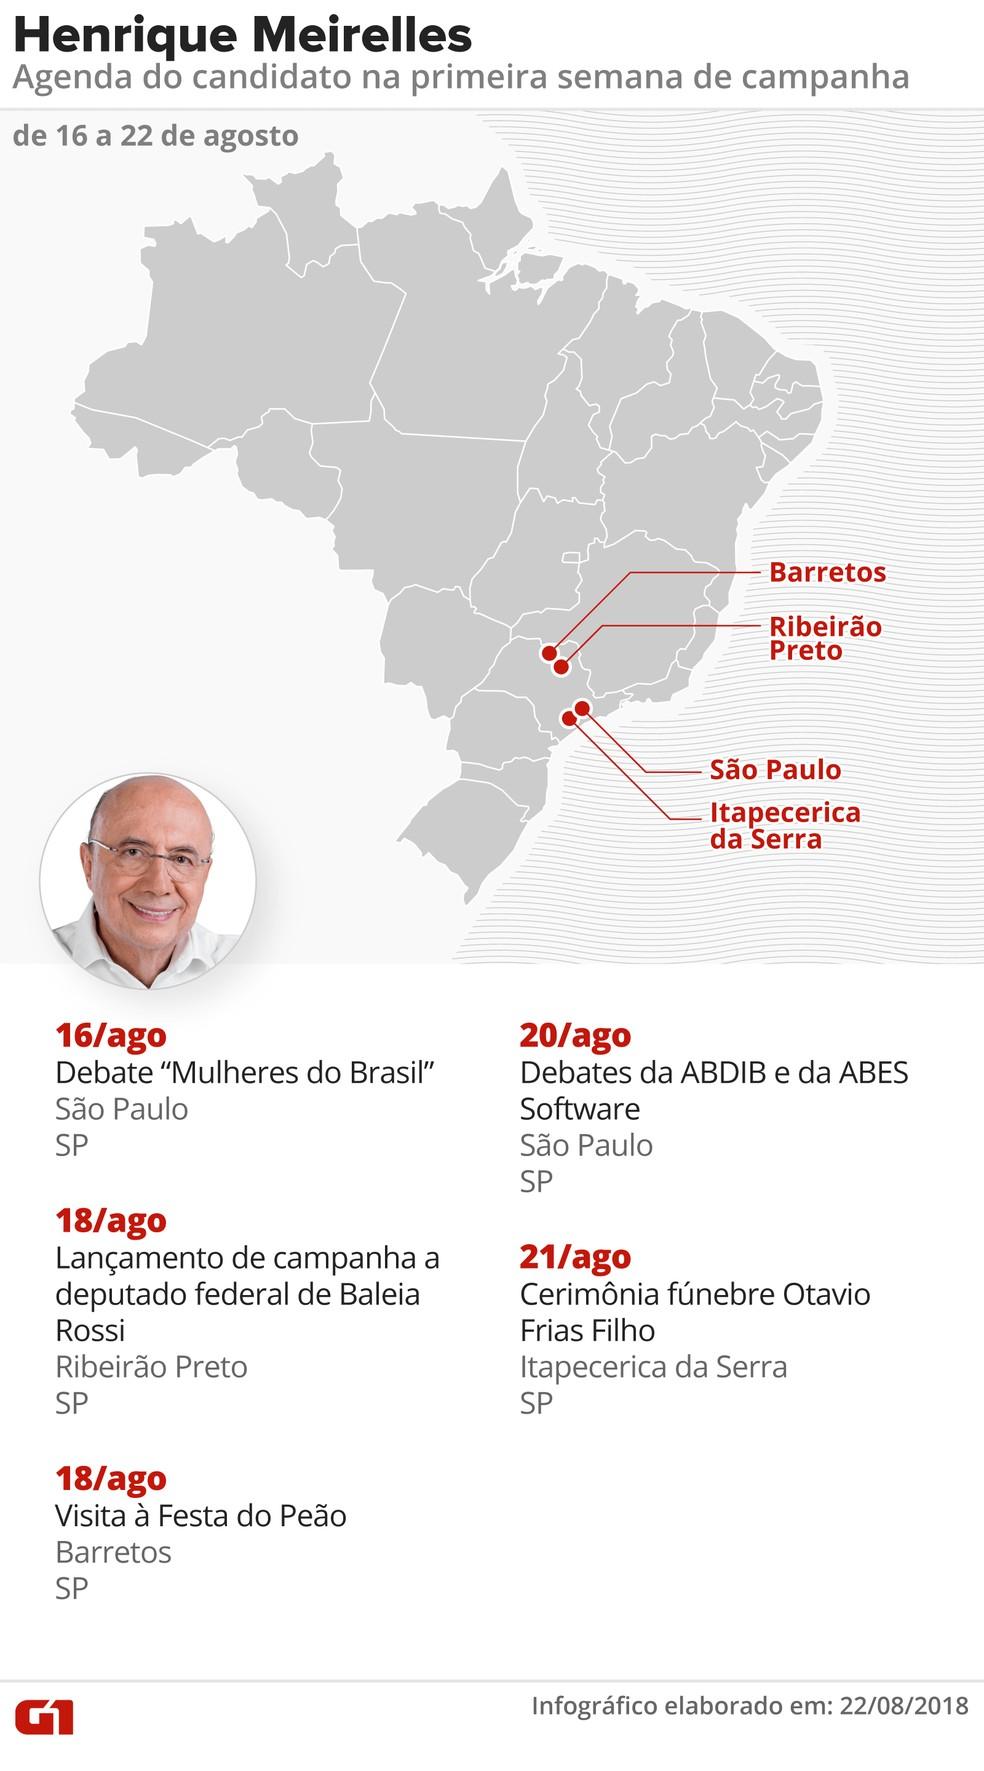 Agenda de Henrique Meirelles (MDB) na primeira semana da campanha presidencial (Foto: Alexandre Mauro, Roberta Jaworski, Igor Estrella e Juliane Souza/G1)